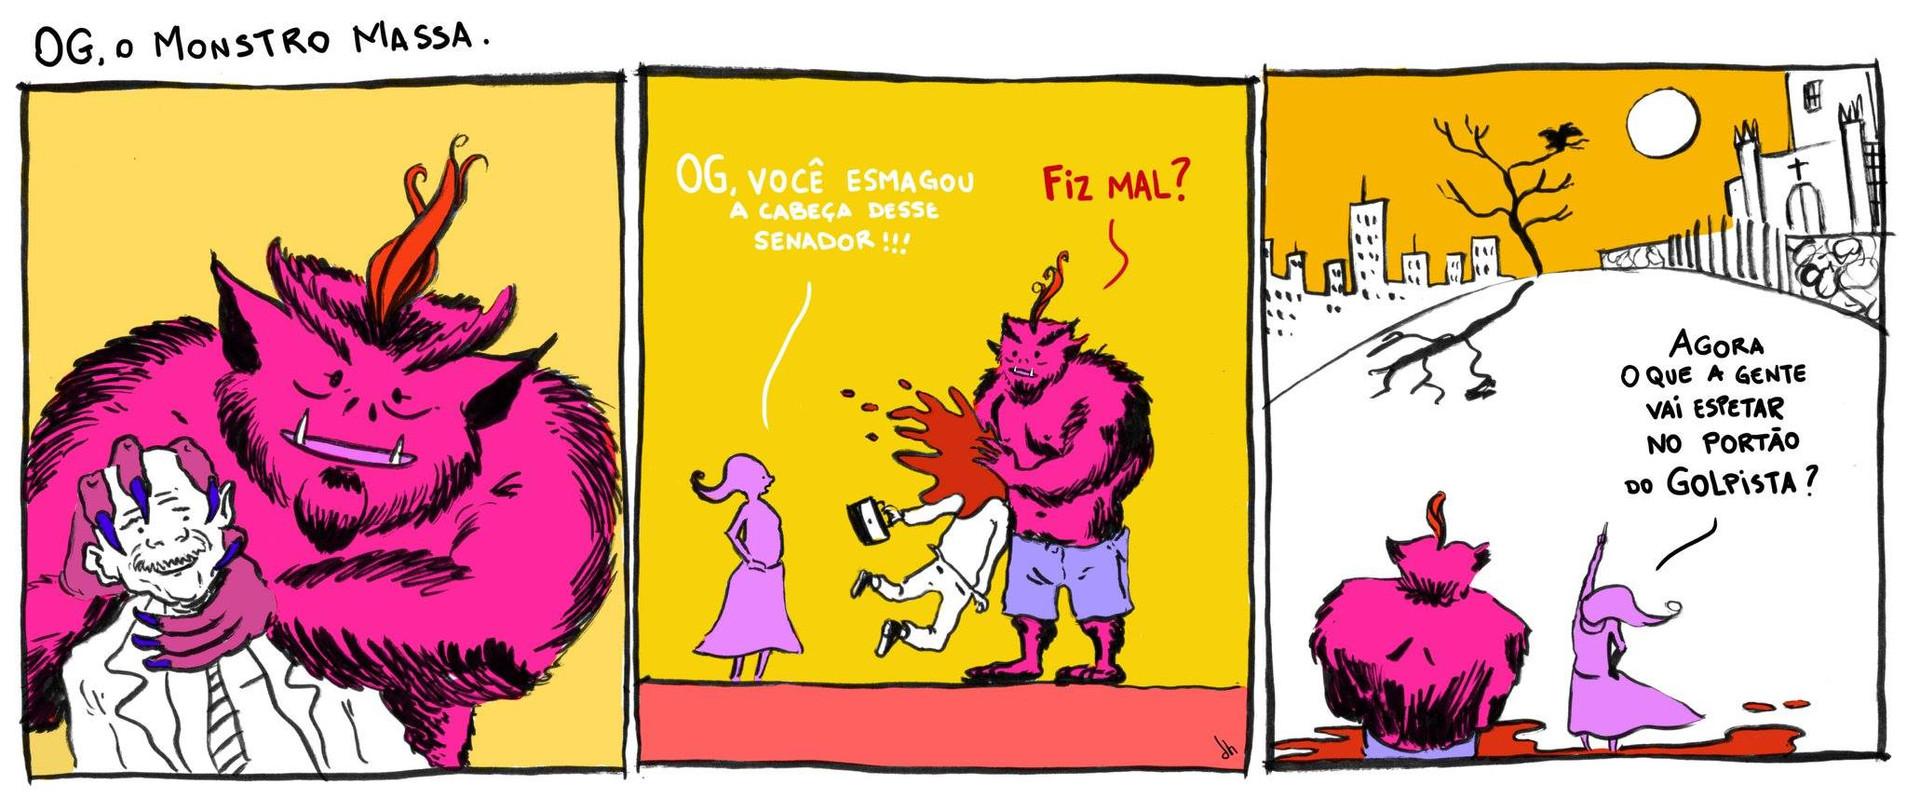 OG o Monstro Massa com Rafael Campos Rocha